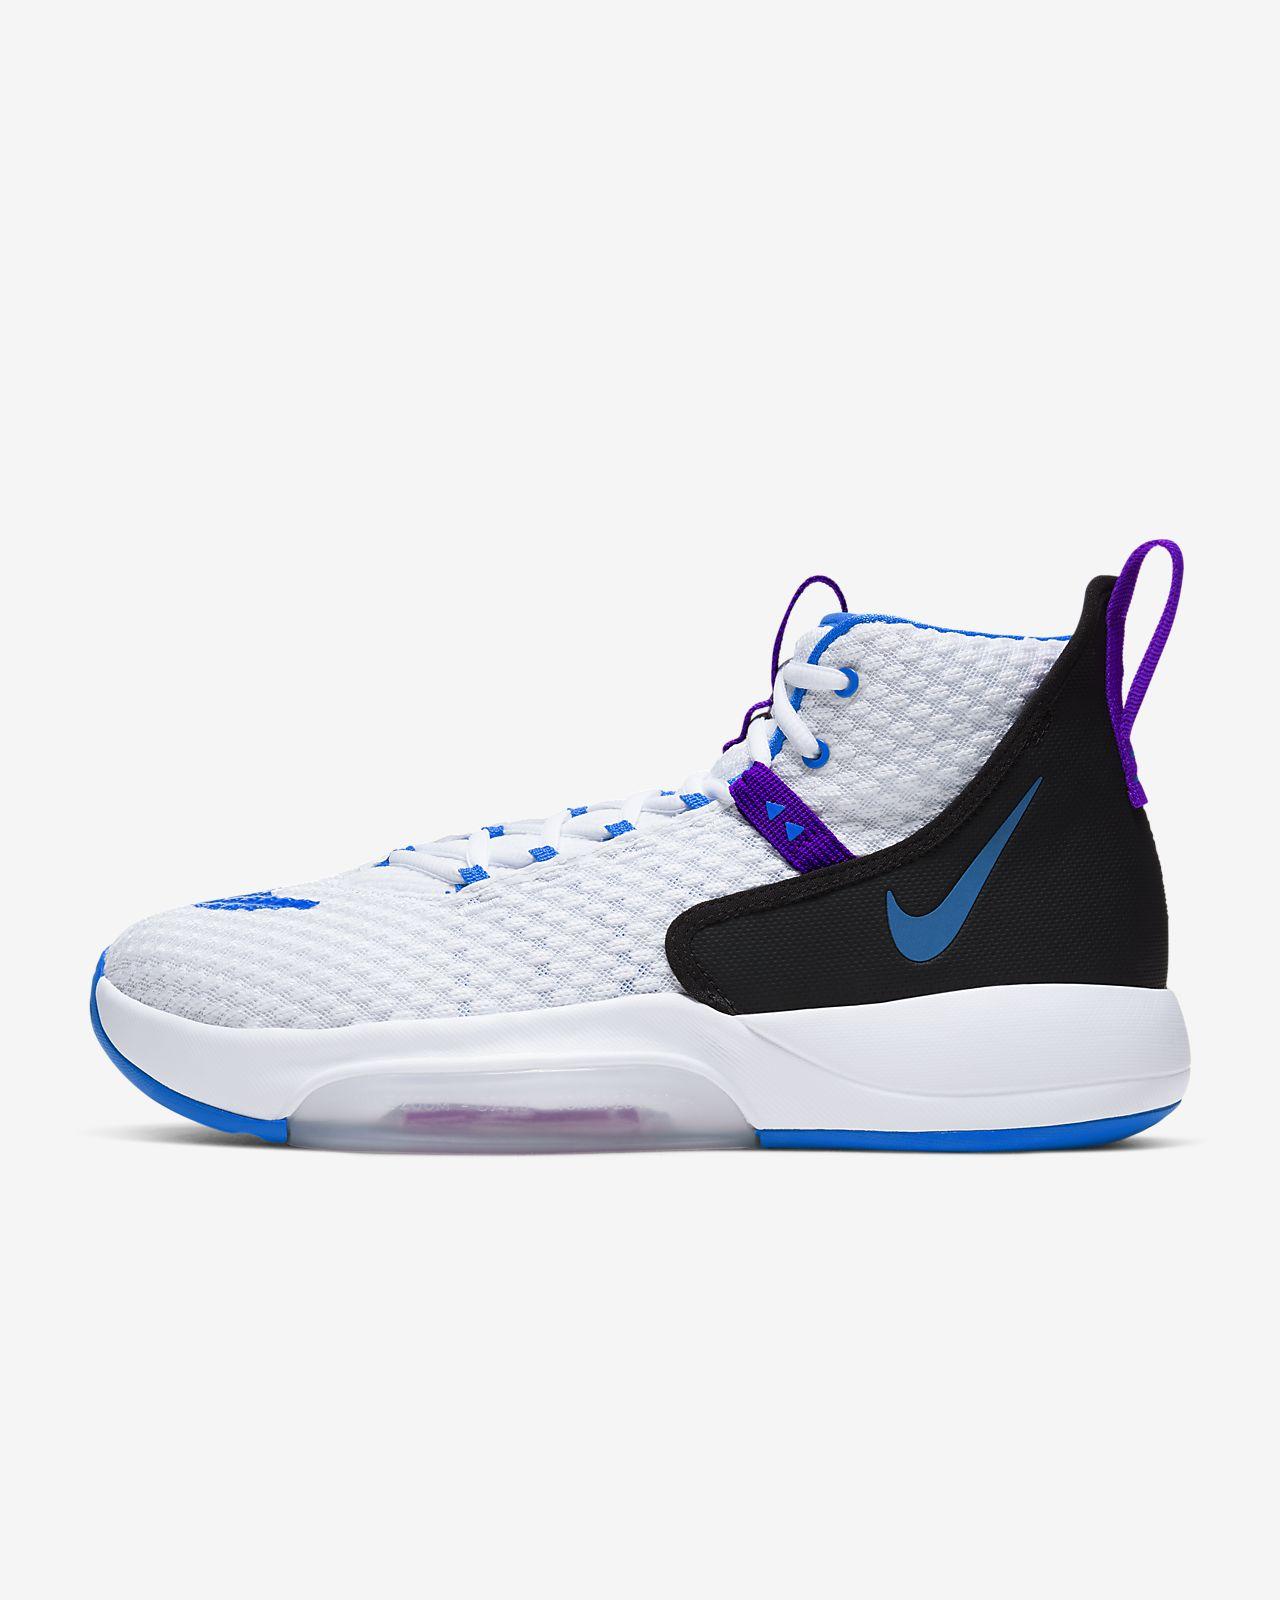 รองเท้าบาสเก็ตบอล Nike Zoom Rize